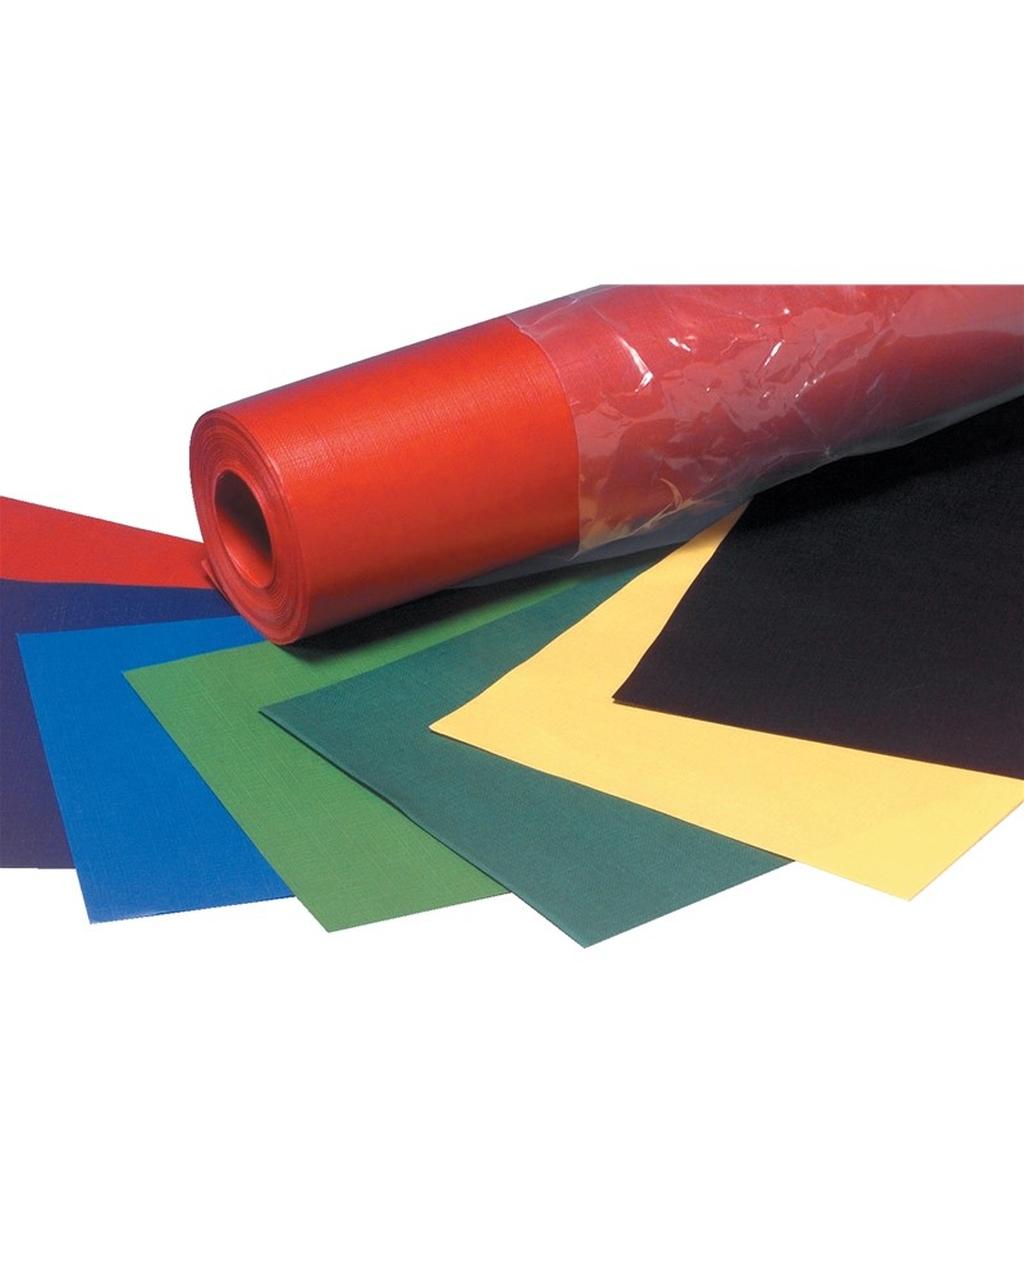 Durafrieze Roll 1020mm x 25m 100gsm Yellow